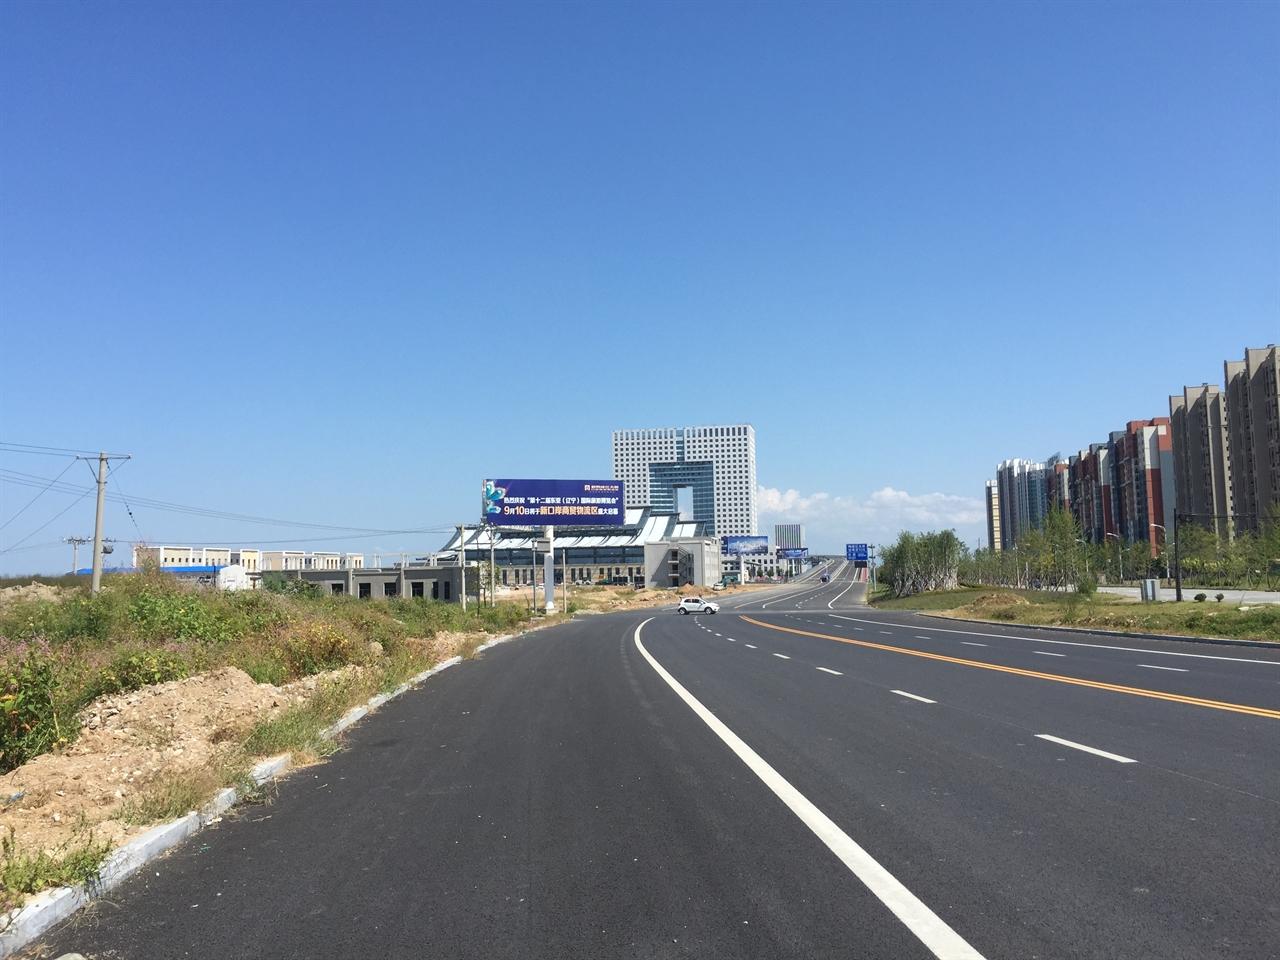 2015년 9월 6일에 신압록강대교와 직접 연결되는 도로 위에서 찍은 사진 위 도로에서 군 경비대가 지키는 대교를 타면 바로 북한 신의주로 연결된다. 신압록강대교에서 내려와 직진하면 랴오닝성 선양과 다롄으로 직접 연결되는 선양~단둥~다롄 순환 고속도로와 연결된다. 중앙에 위치한 사각형의 빌딩은 중조무역 관련 건물로 아직 완공된 상태는 아니었다.